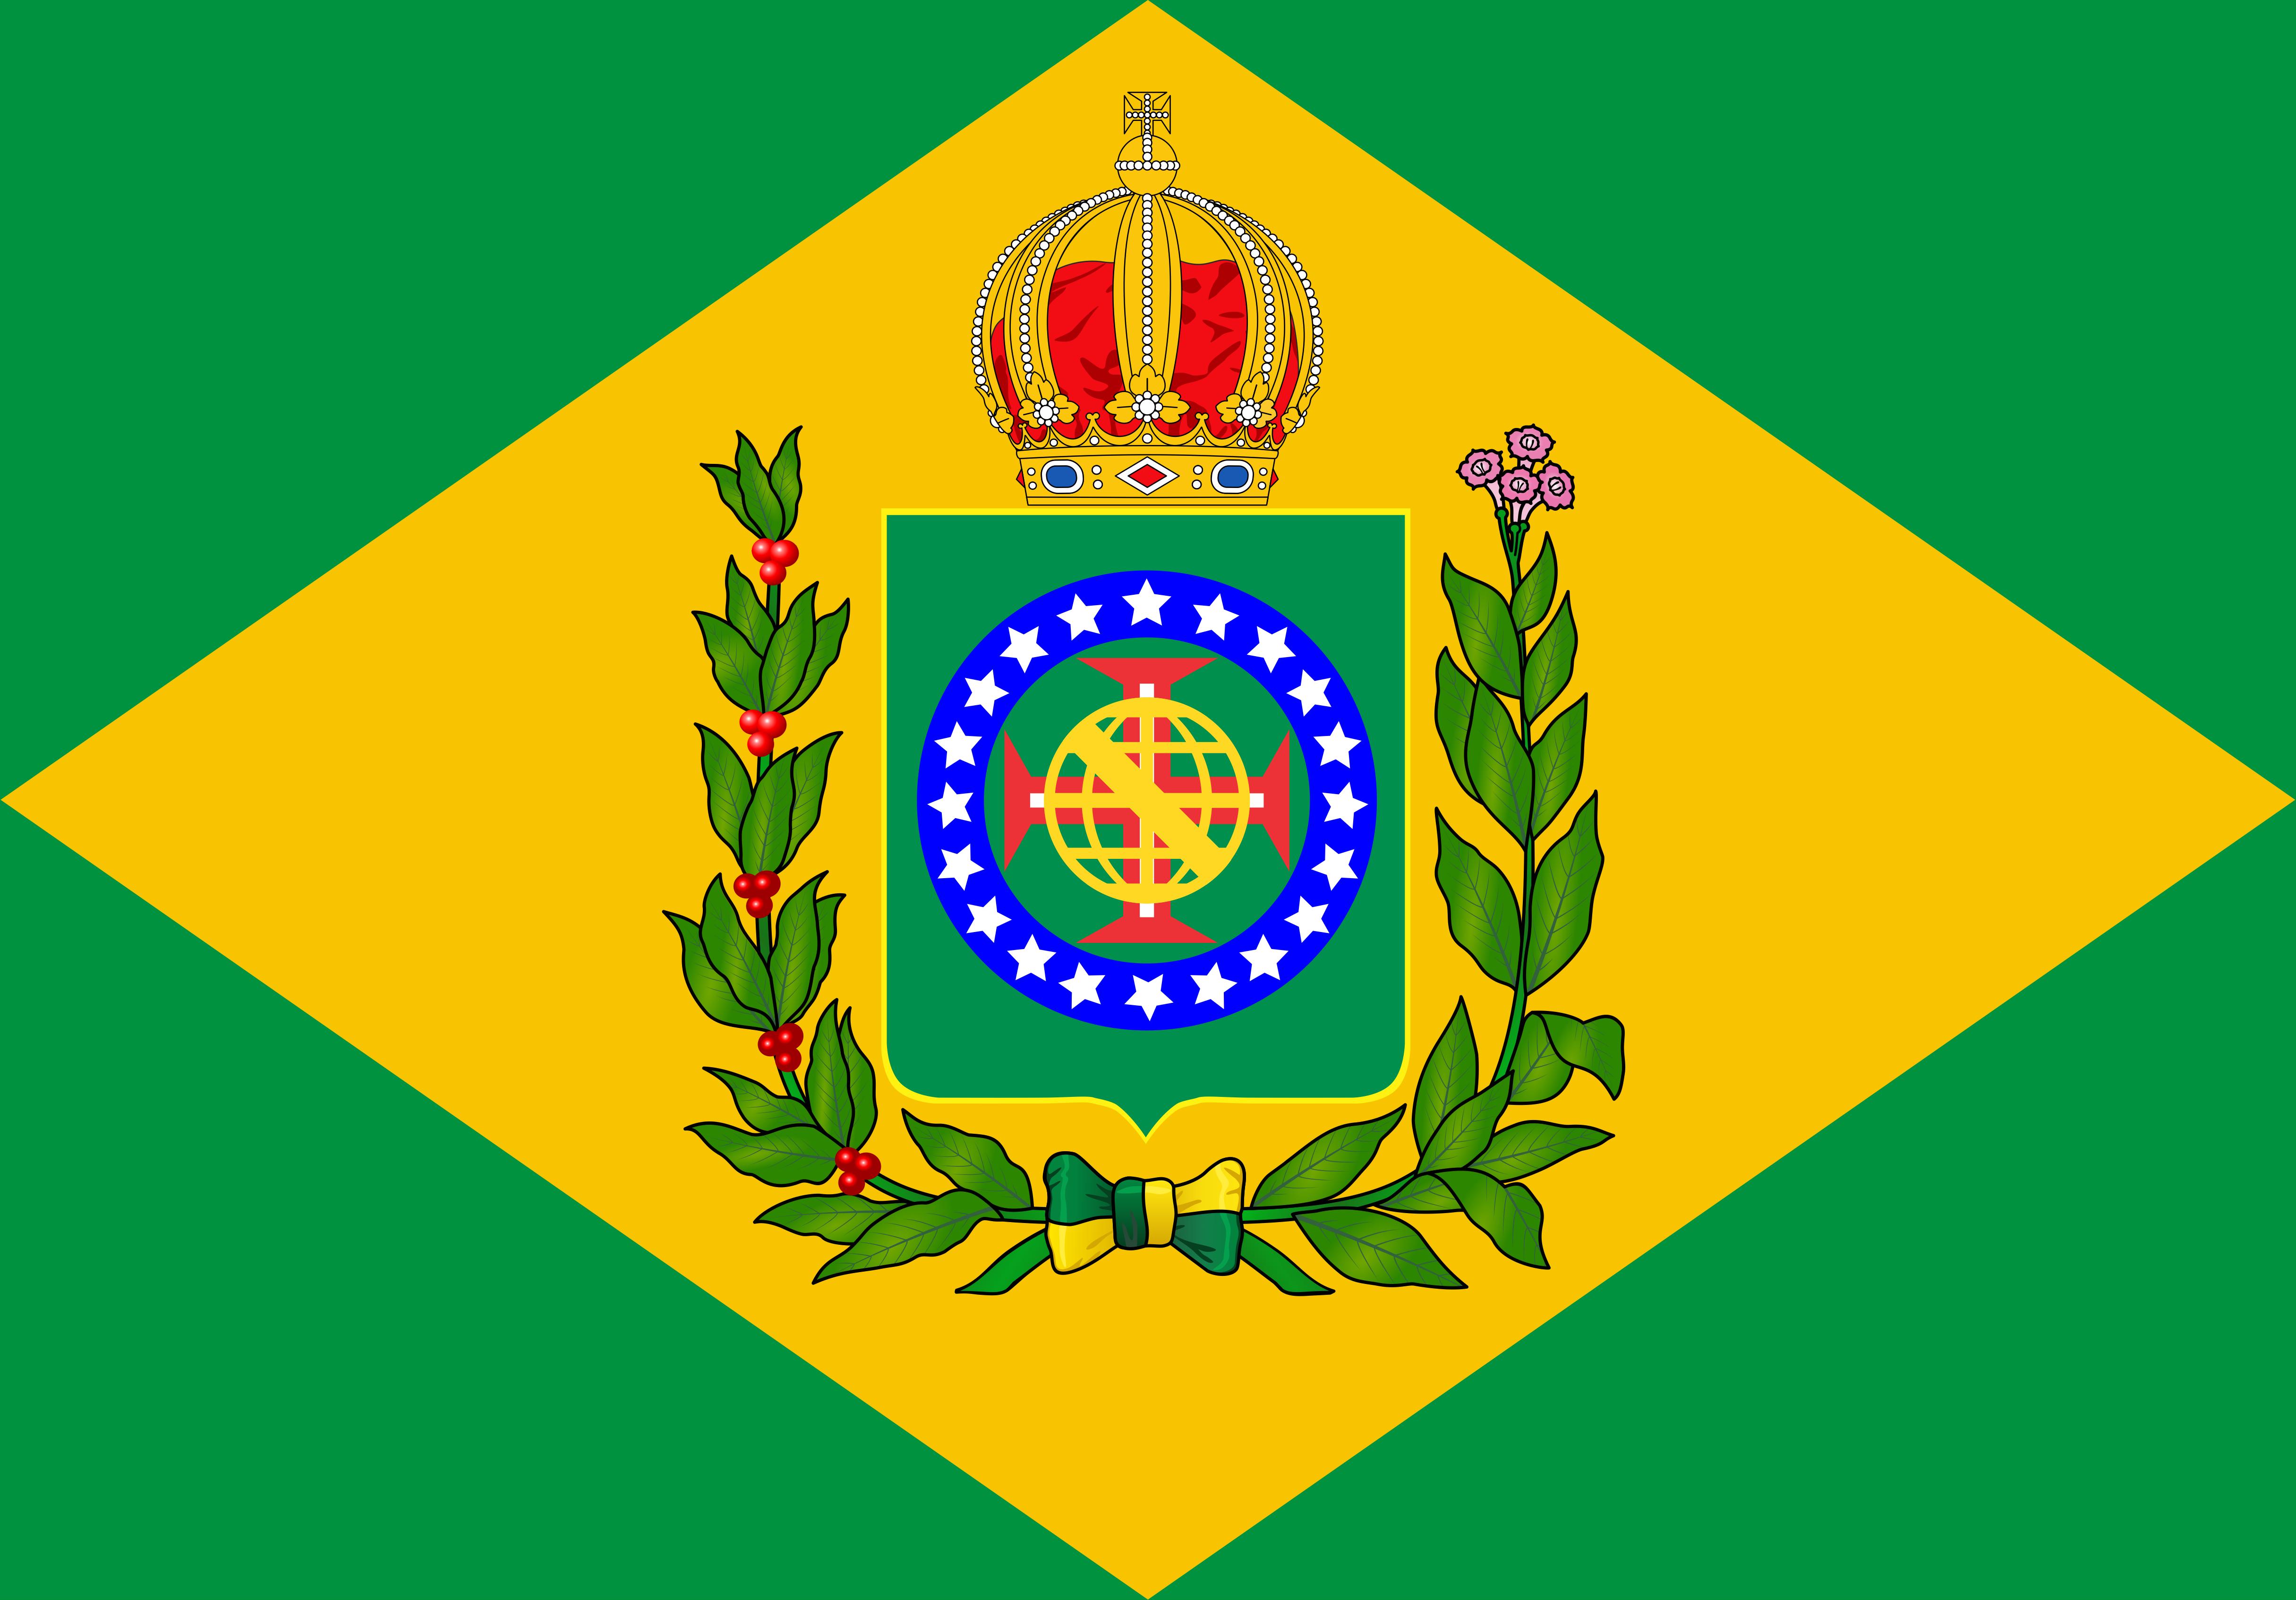 Veja o que saiu no Migalhas sobre Império do Brasil